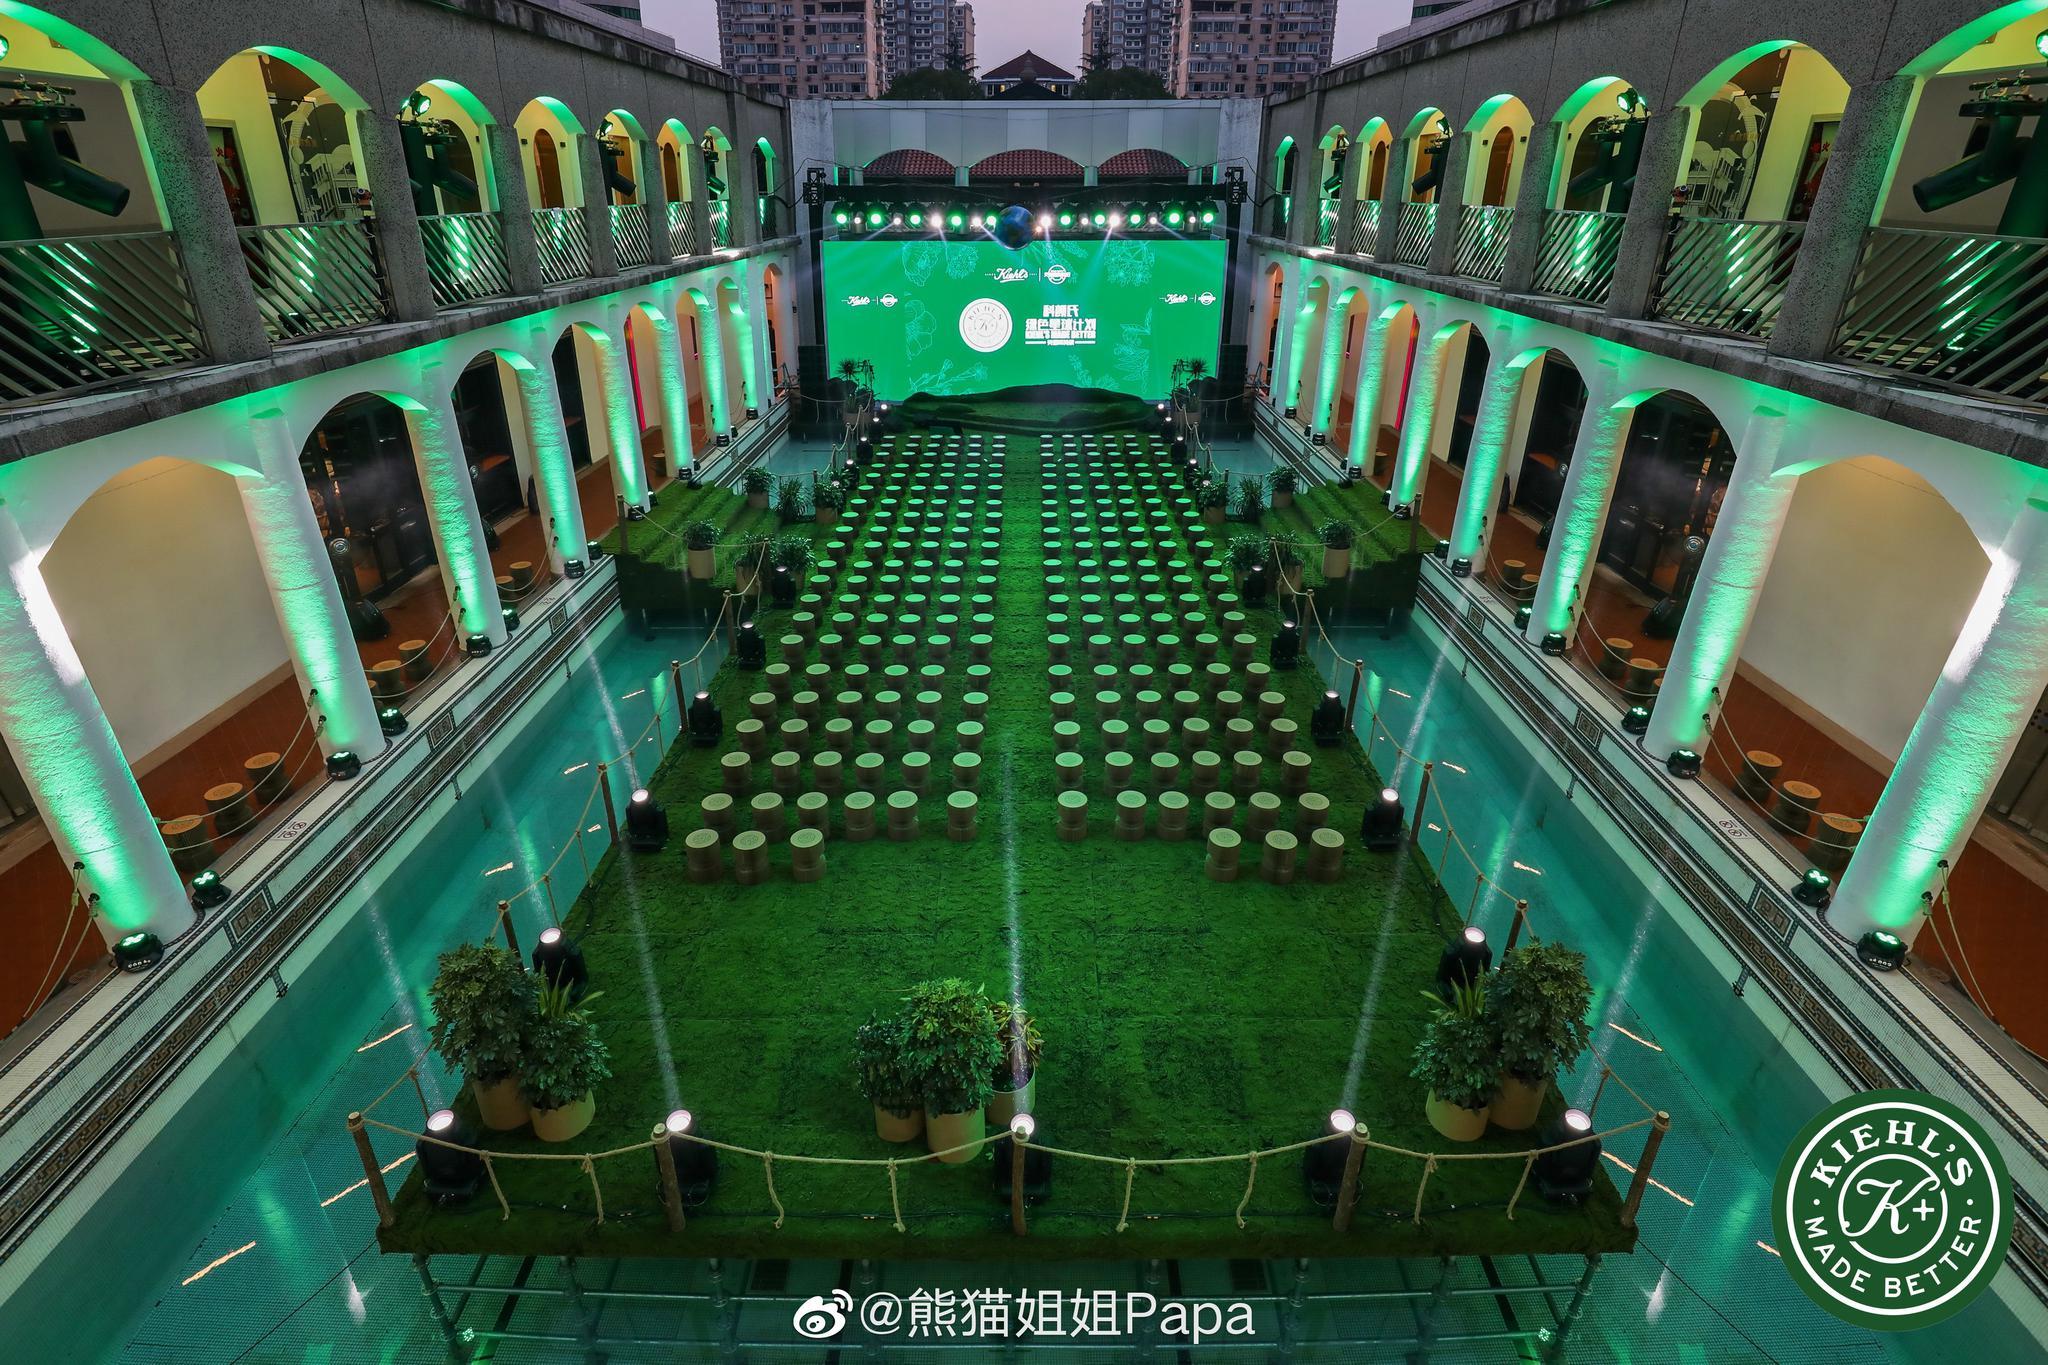 科颜氏中国10周年Kiehl's绿色环保星球计划可循环沉浸